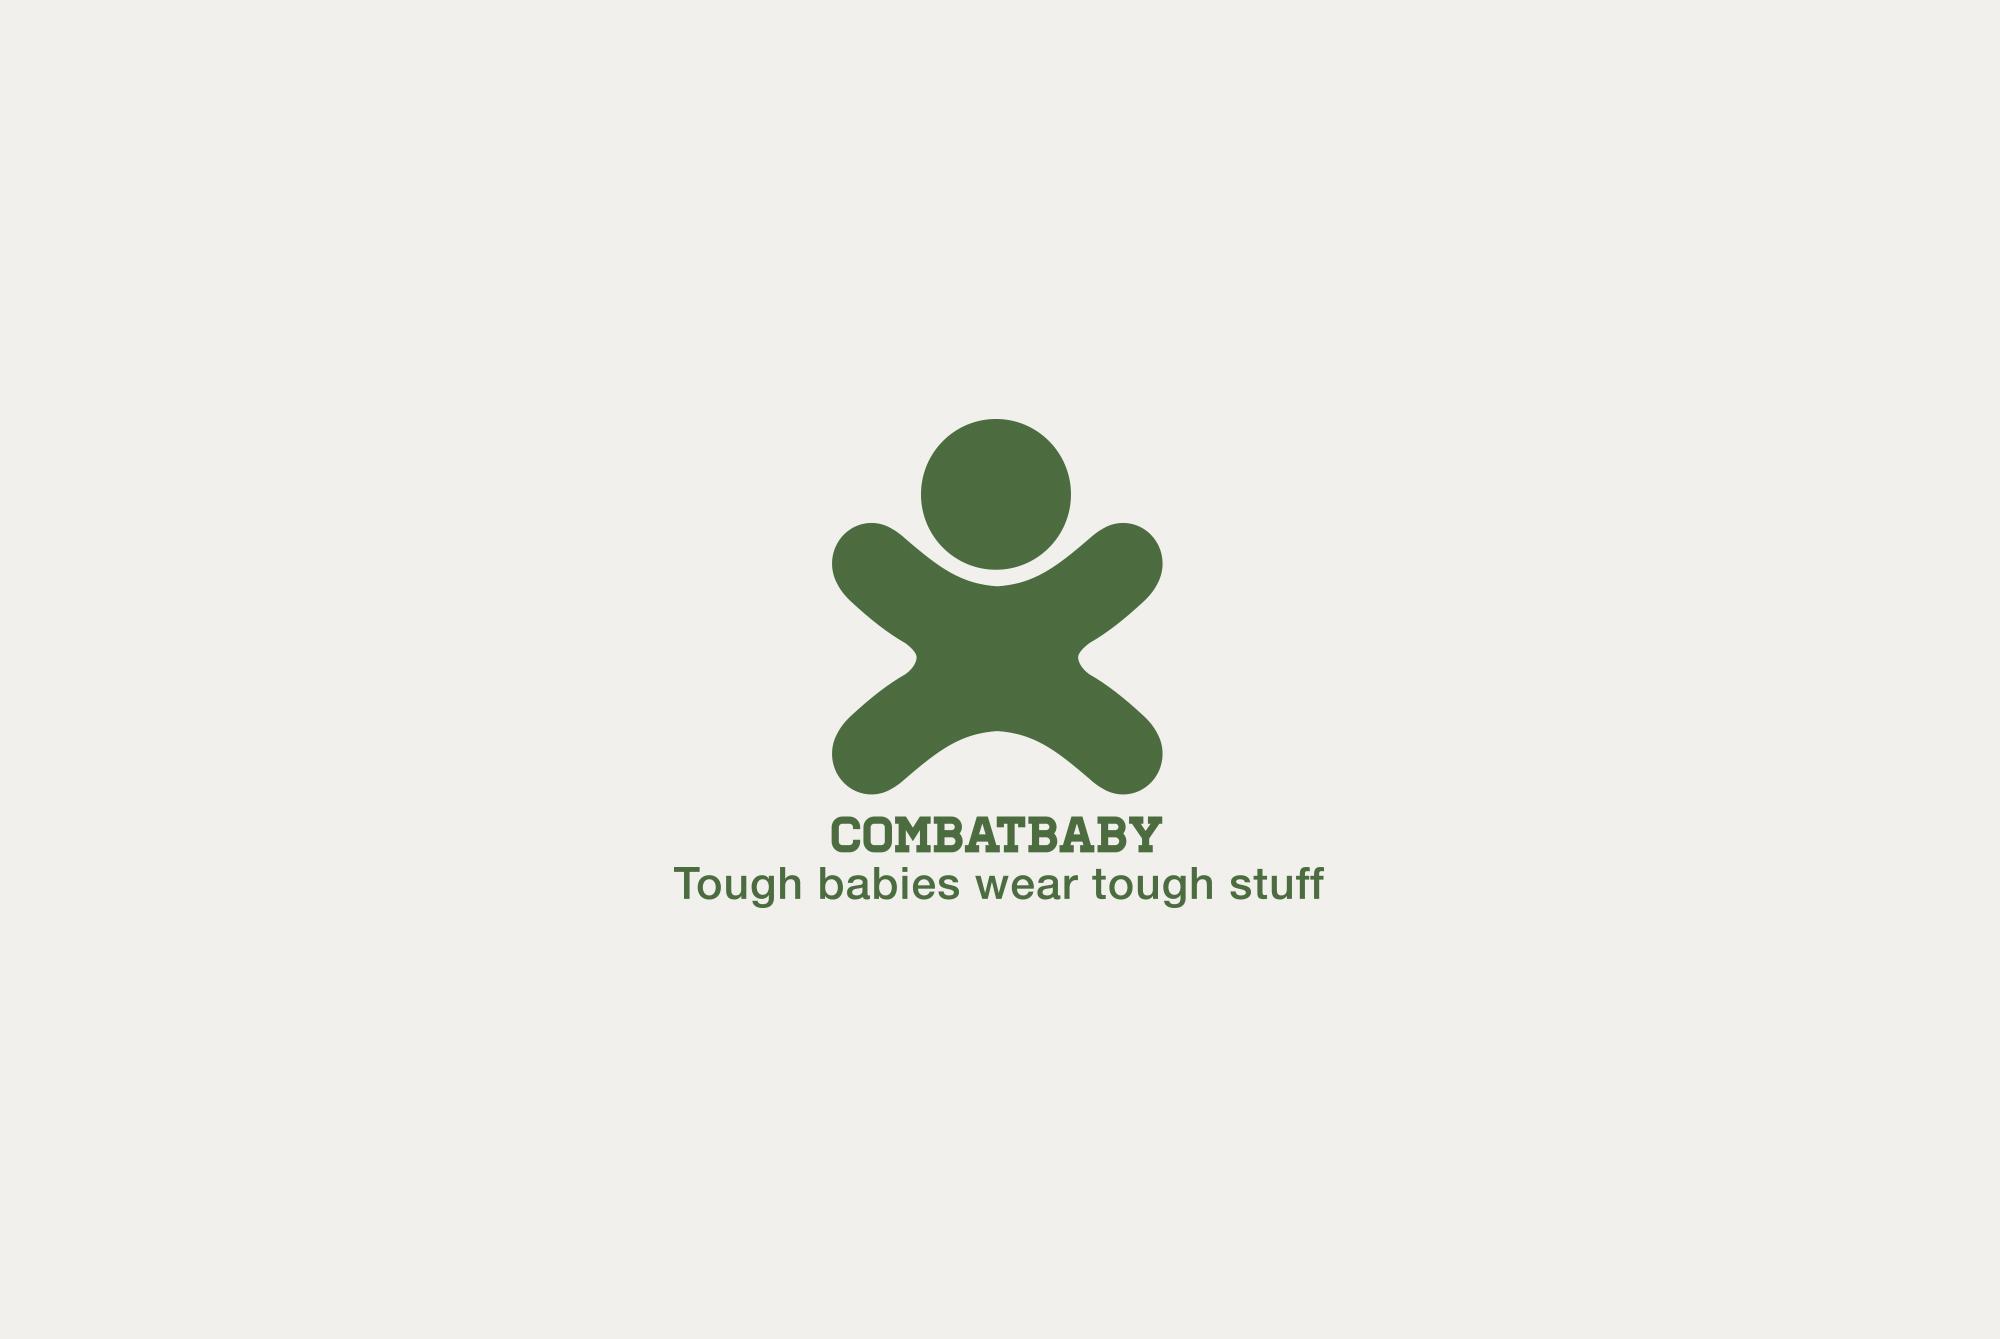 combat baby 1